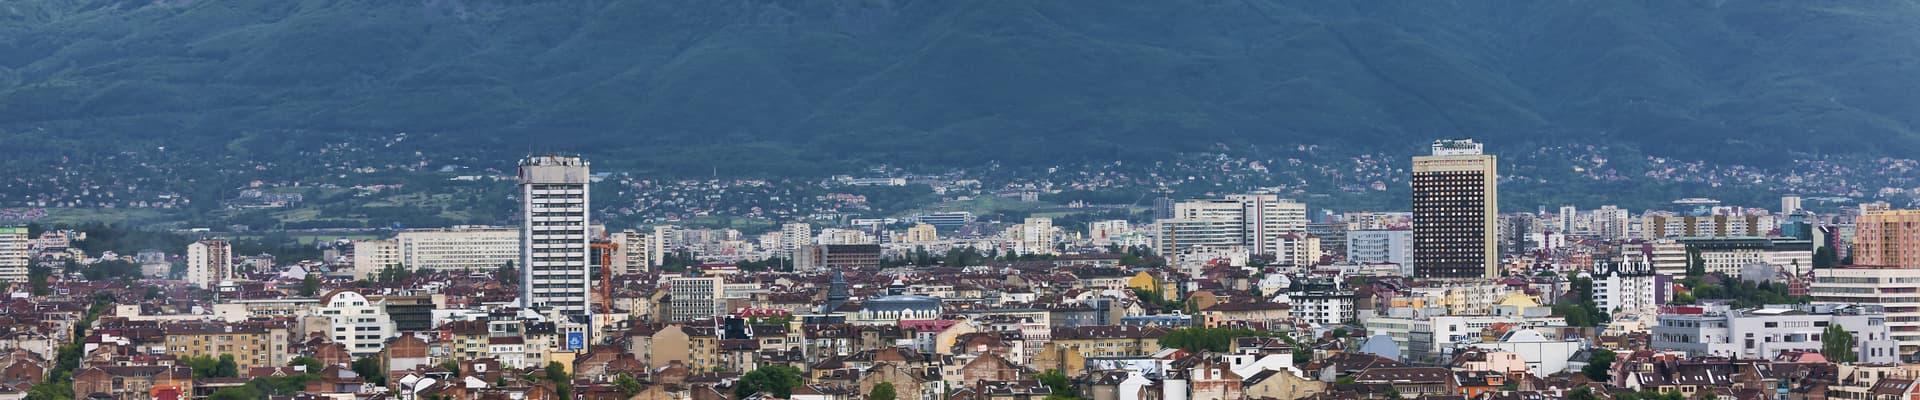 Walking Tour in Sofia